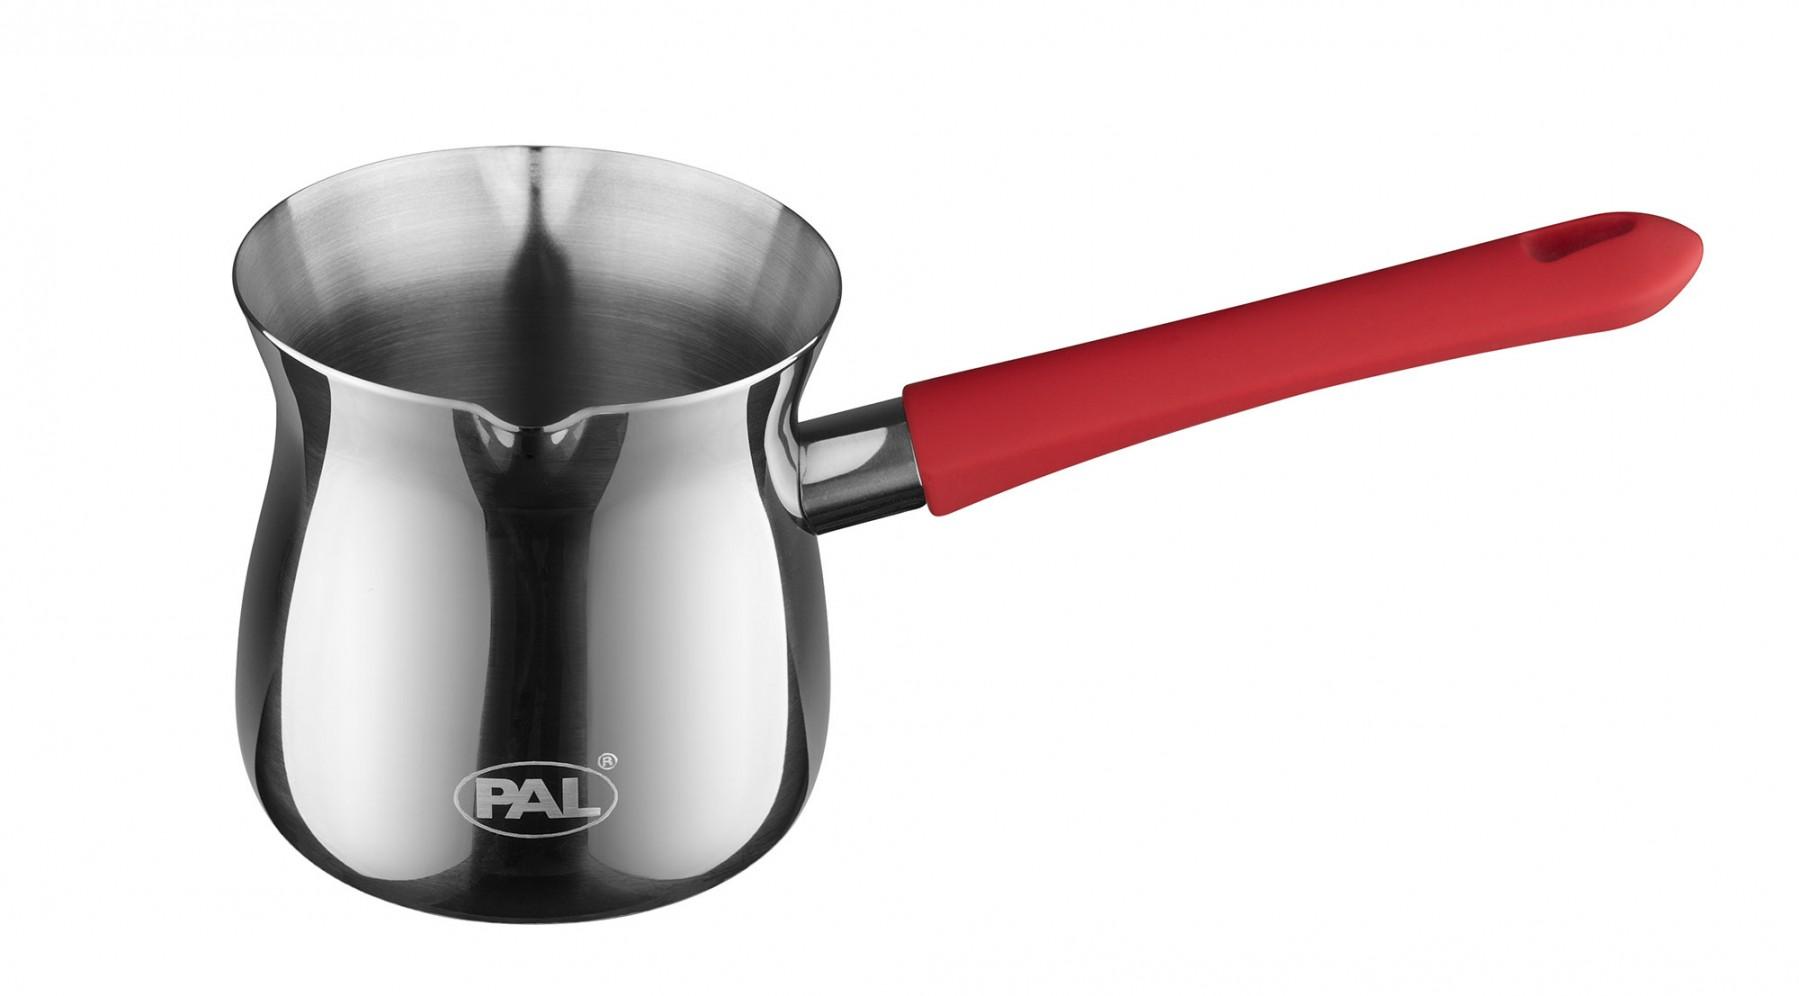 Μπρίκι Ανoξείδωτο PAL Titanium 18/8 No9 380ml PAL Colors 50000509 Κόκκινο